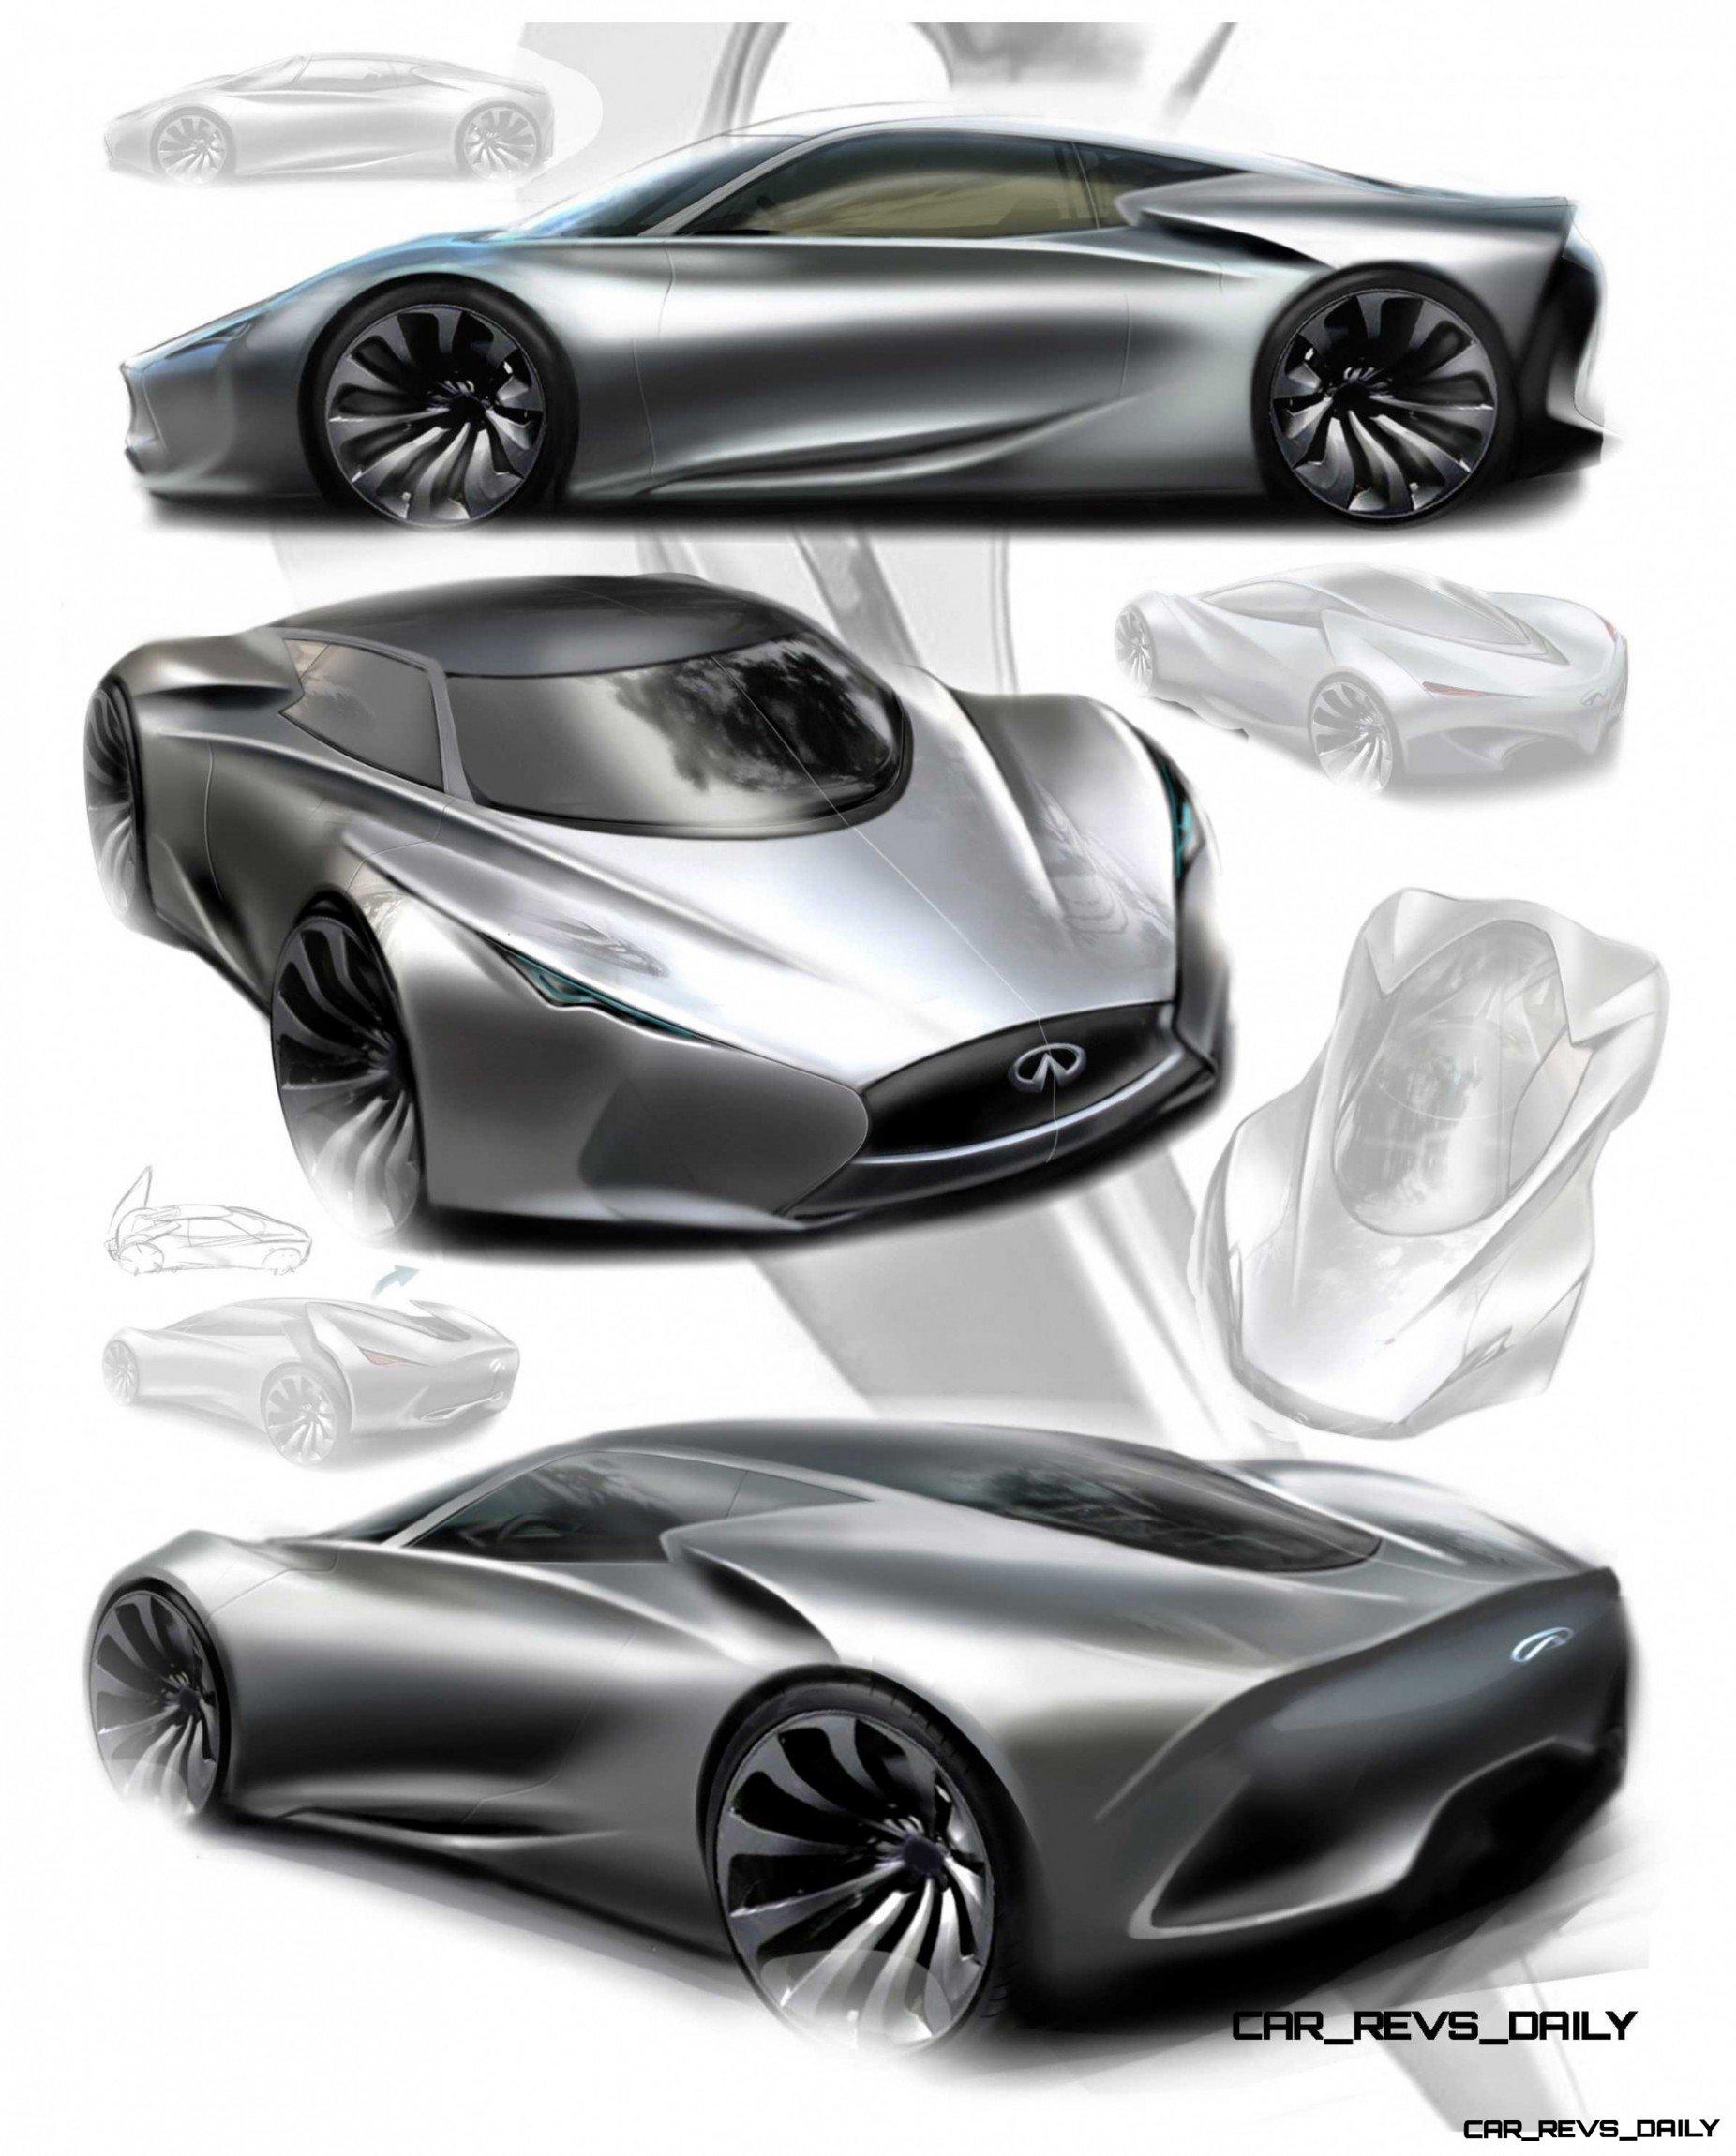 Nice Car Revs Daily.com